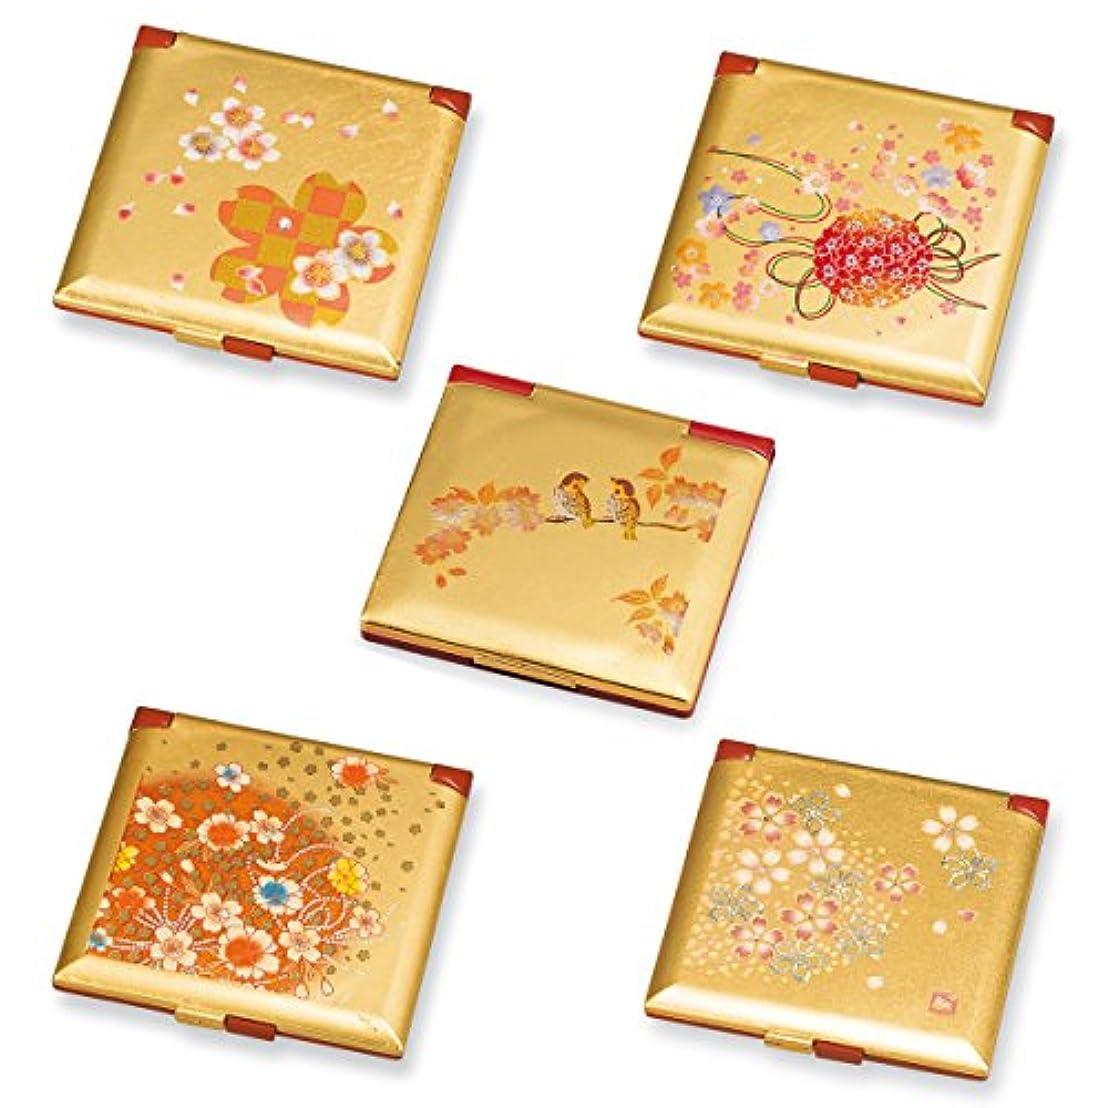 繁栄ラダスロベニア手鏡 ハンドミラー 和風 和柄 箔工芸 角コンパクトミラー(京てまり)